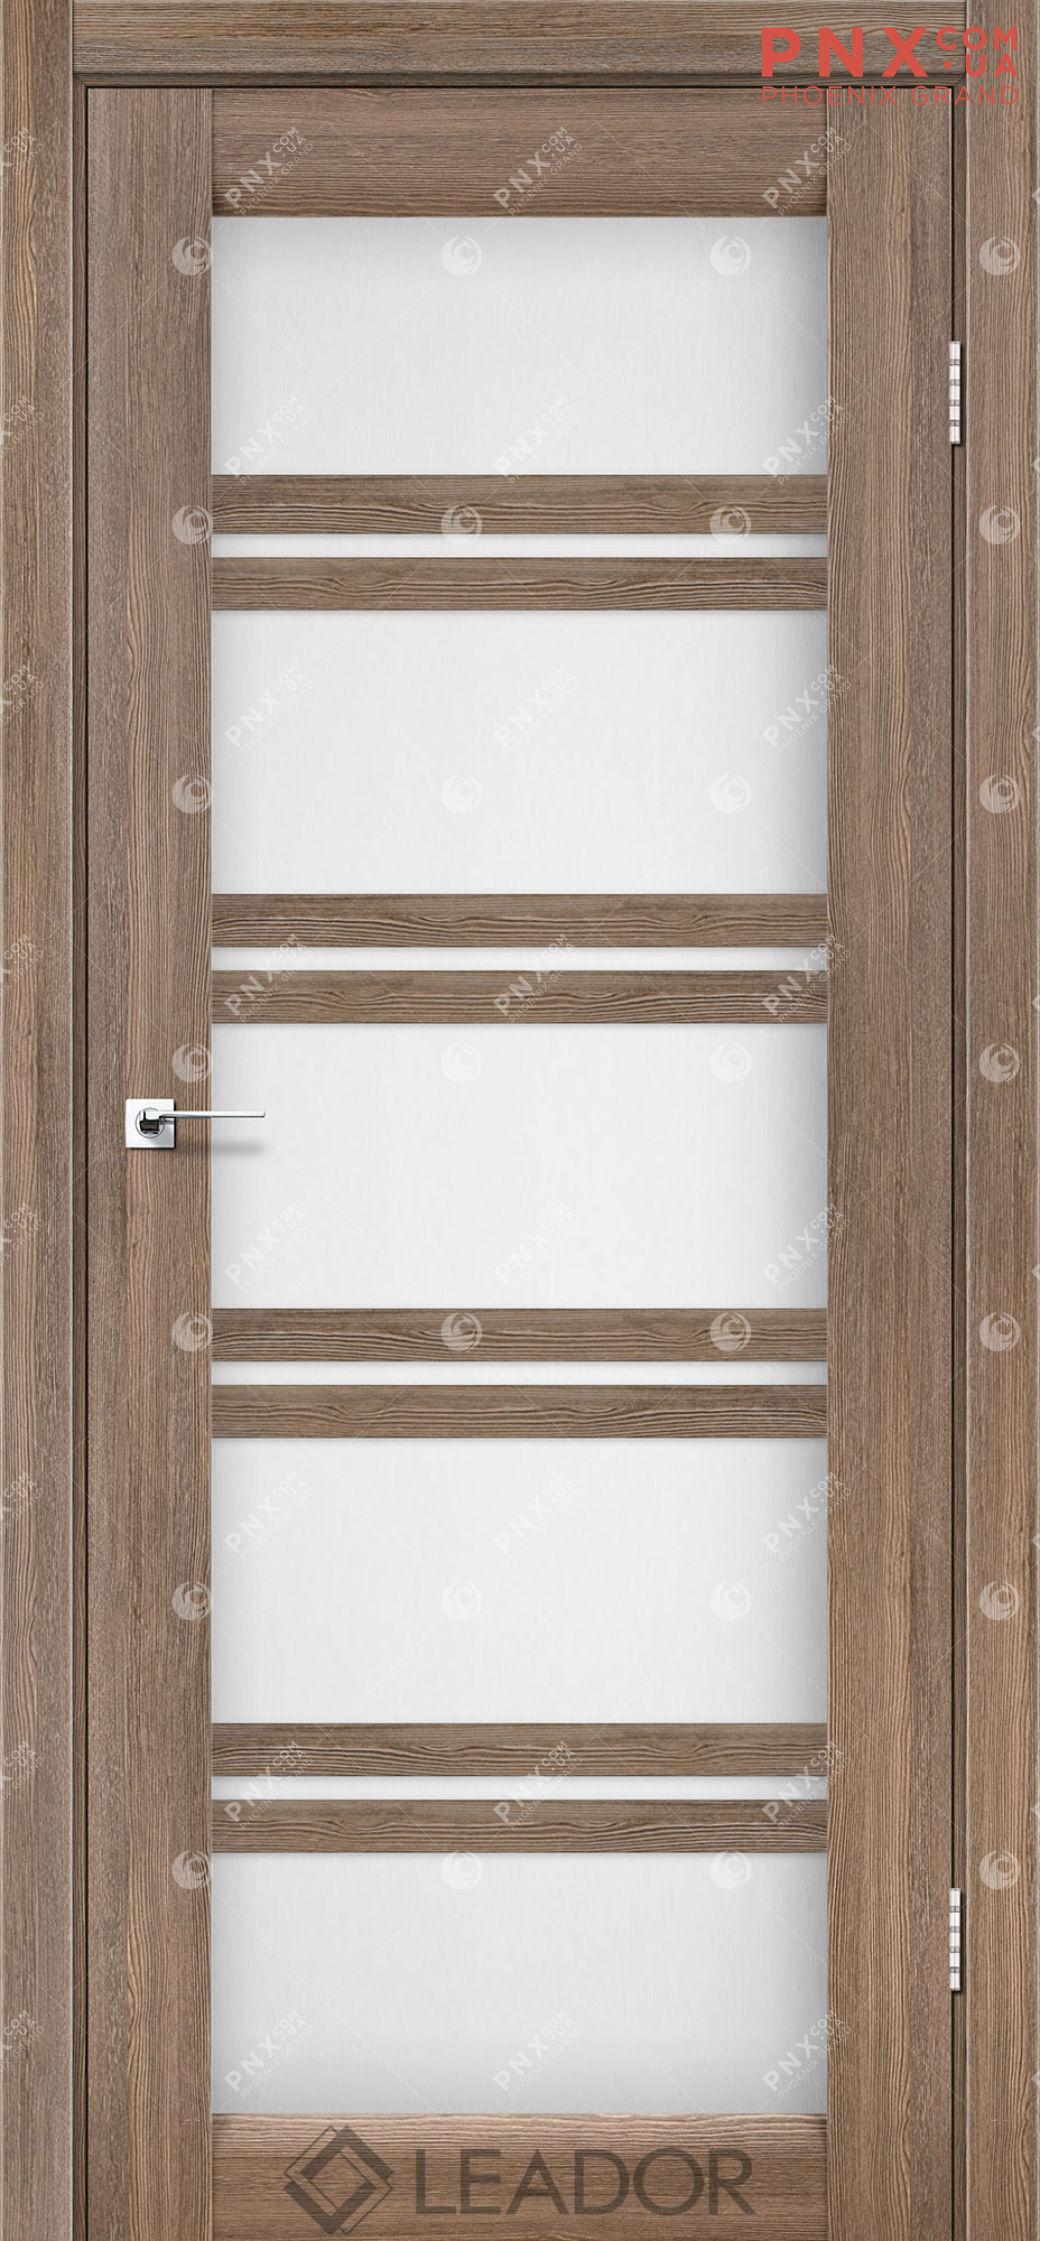 Межкомнатная дверь LEADOR Lodi, Серое дерево, Белое стекло сатин